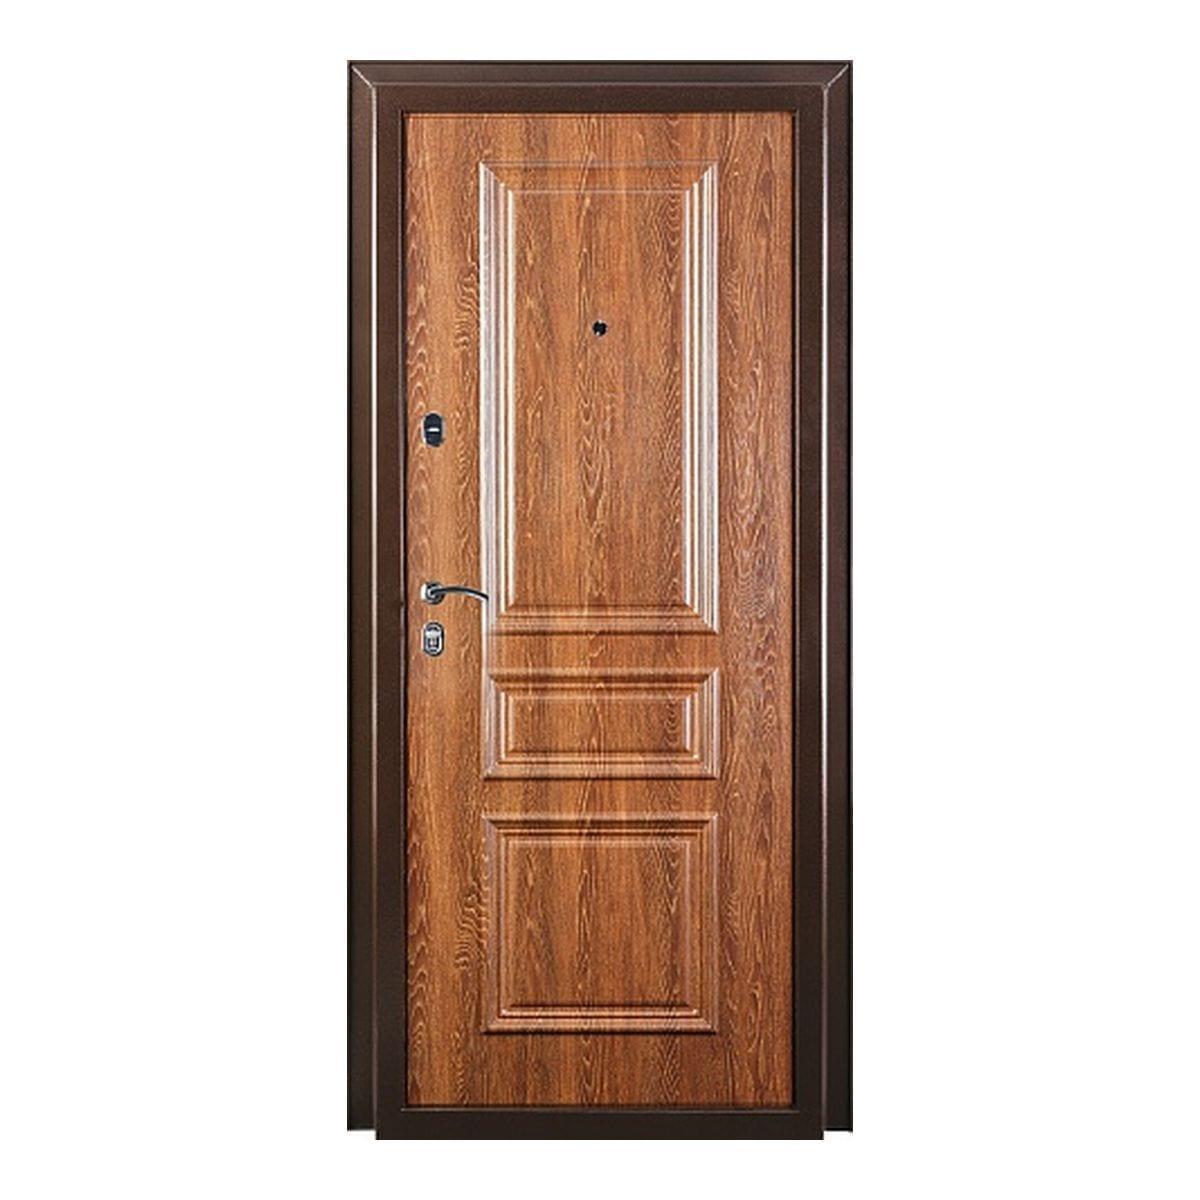 Дверь металлическая Прима 2066*880 правая дуб коньяк